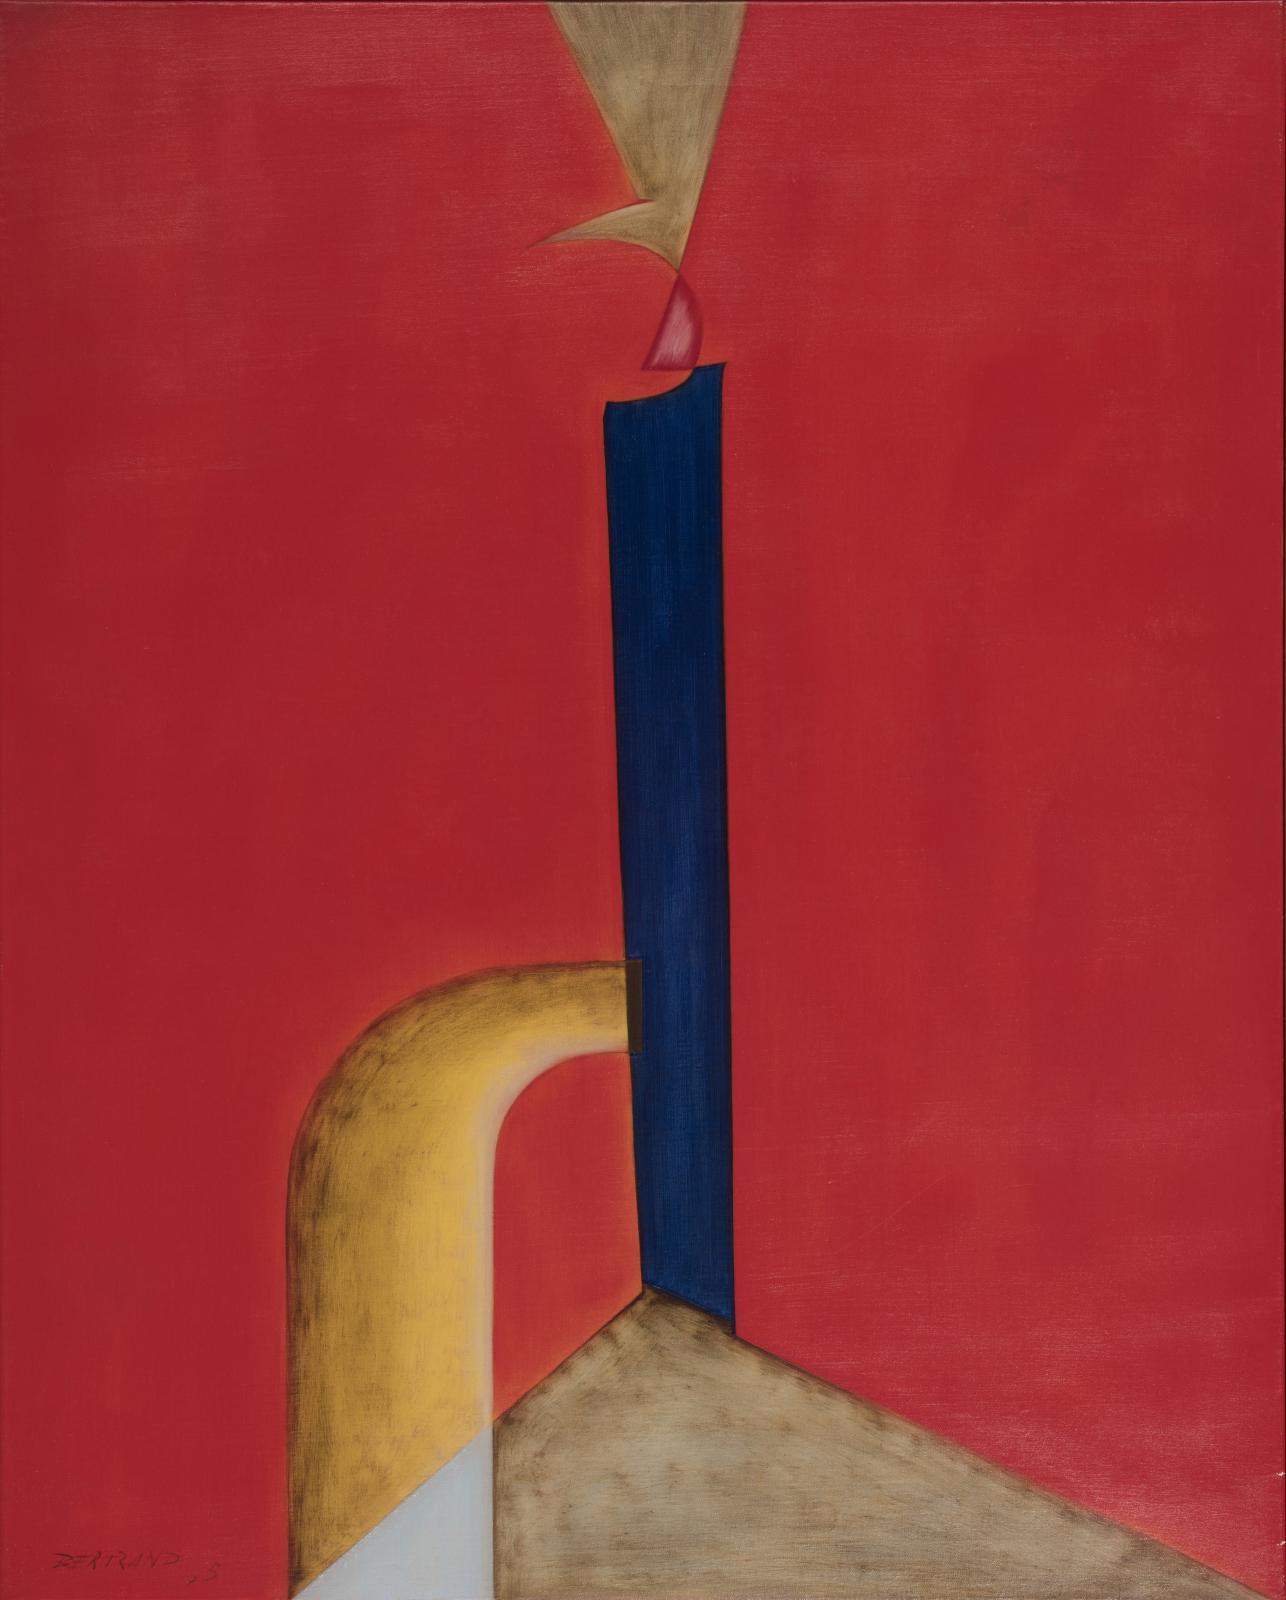 Gaston Bertrand (1910-1994), Évidence du bleu, 1965, huile sur toile, 81x65cm (détail).